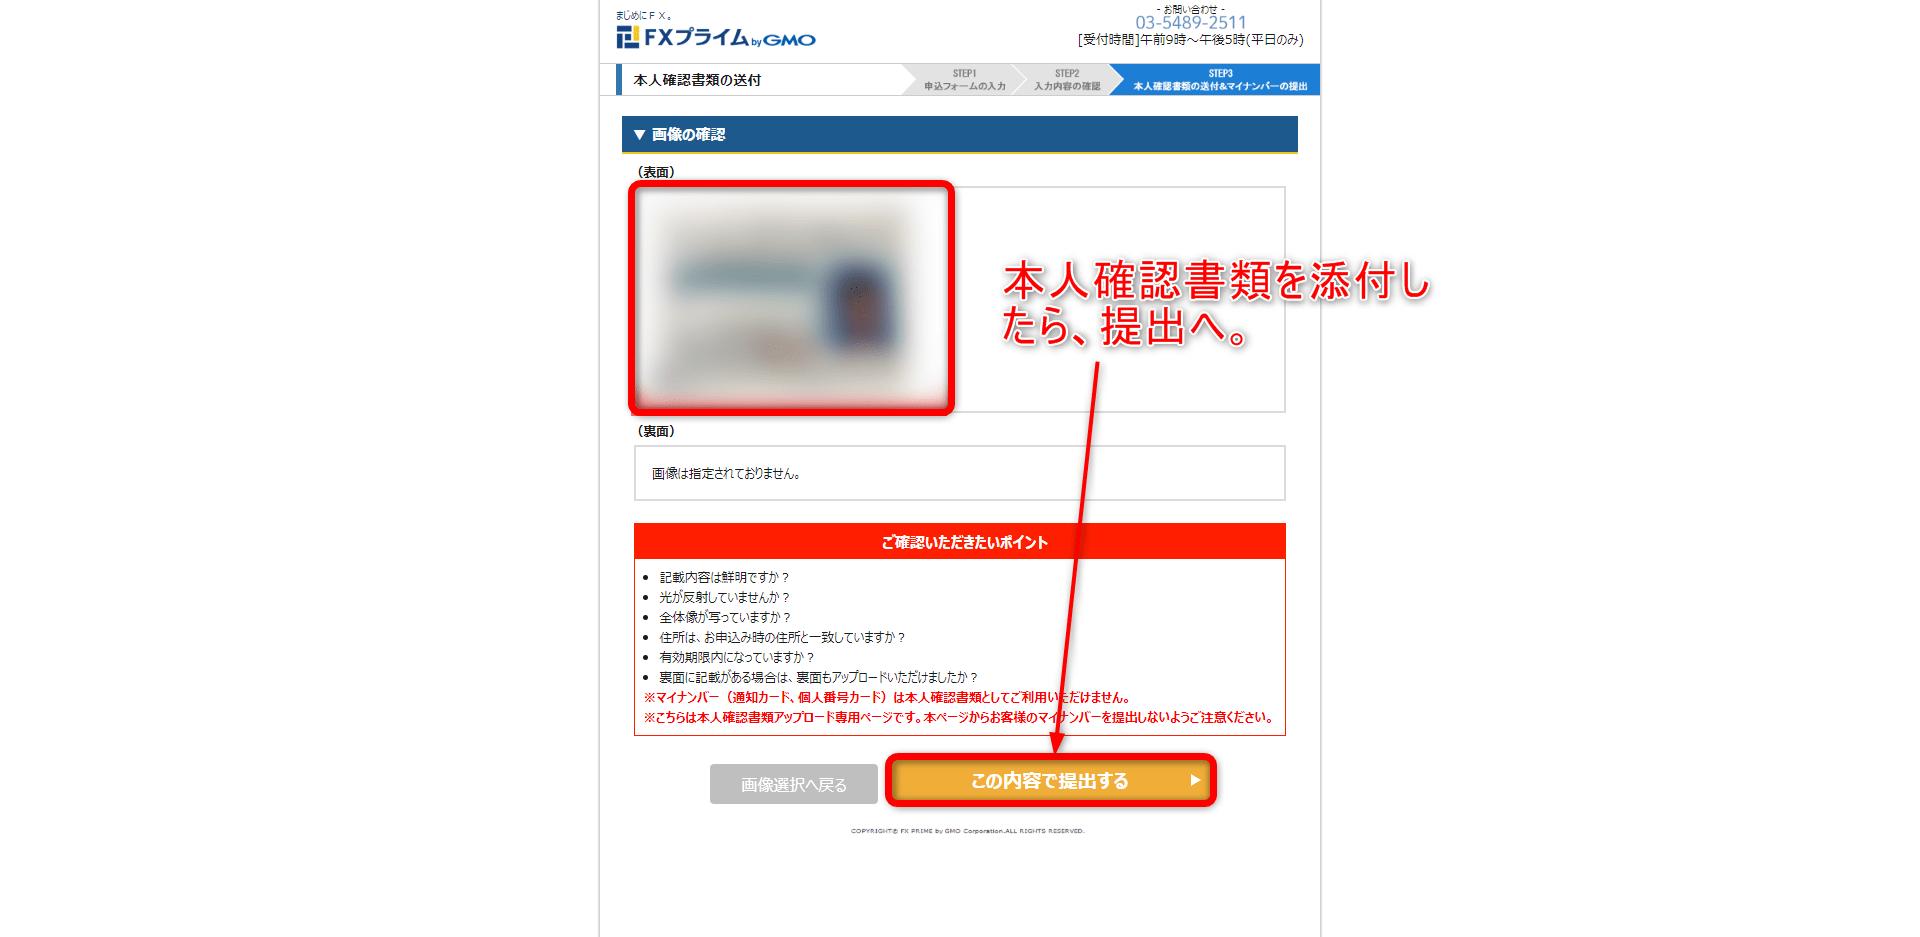 身分証明書の添付